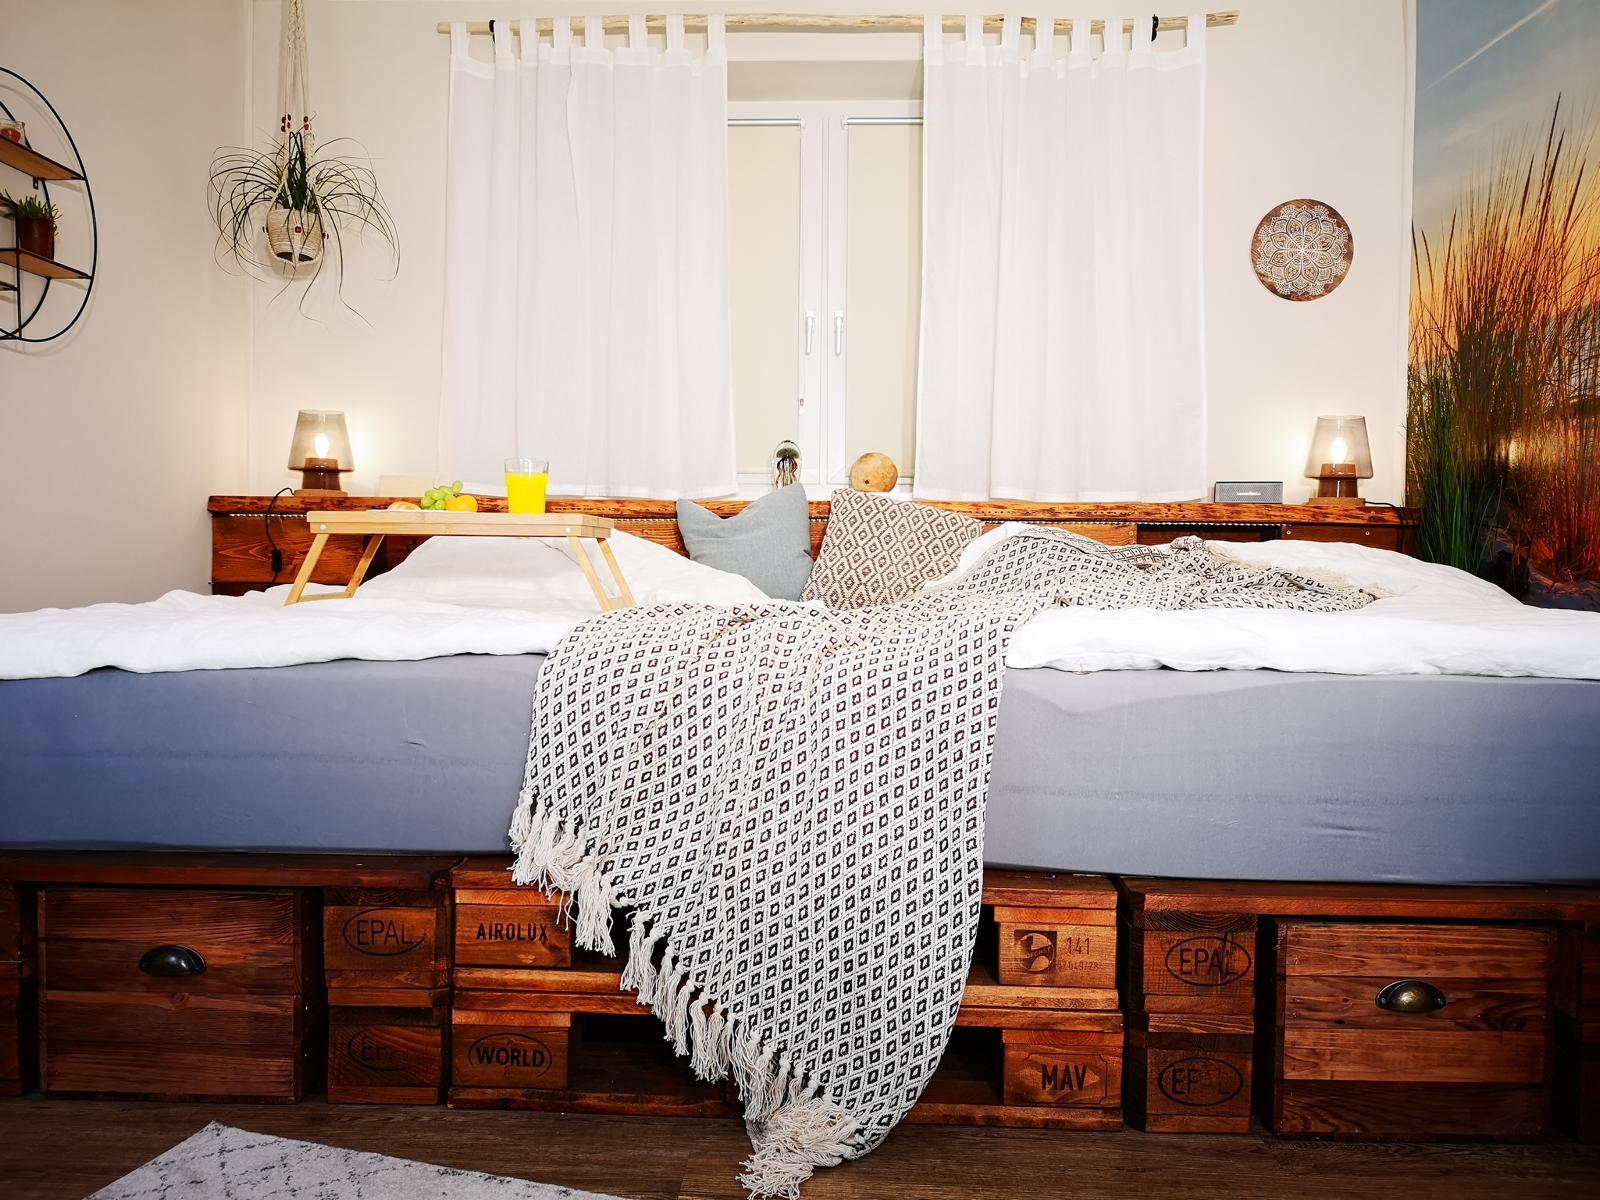 Full Size of Bett Breit Mit Bettkasten Weiss M Ikea Betten Palettenbett Selber Bauen Kaufen Europaletten 2m X Schubladen Weiß Ottoversand Günstig Hülsta Wand 90x200 Bett Bett 1.20 Breit